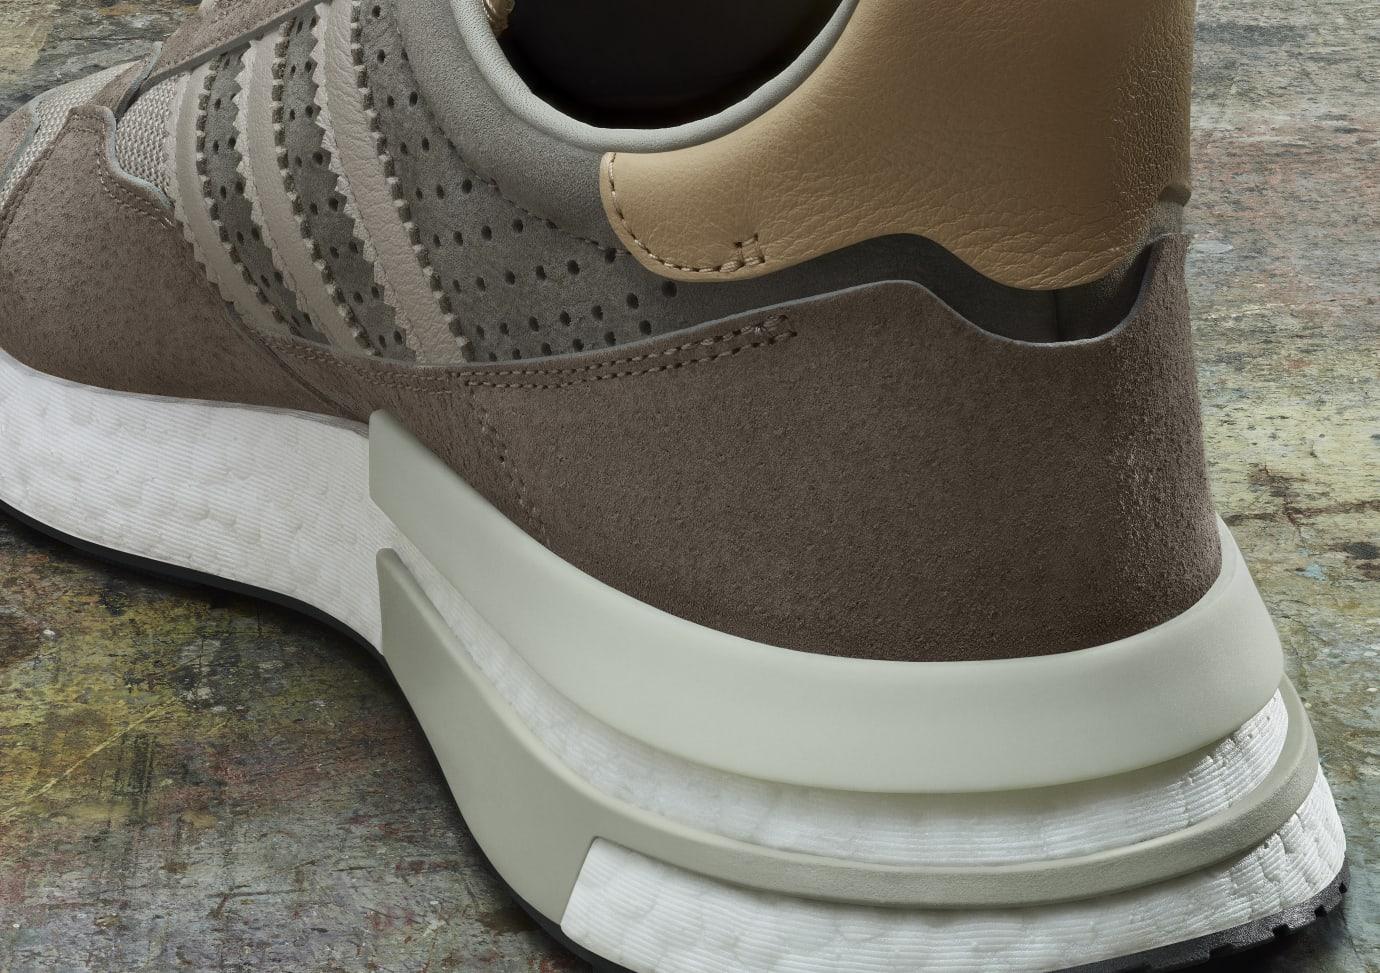 Adidas Consortium ZX500 RM BD7859 (Detail)